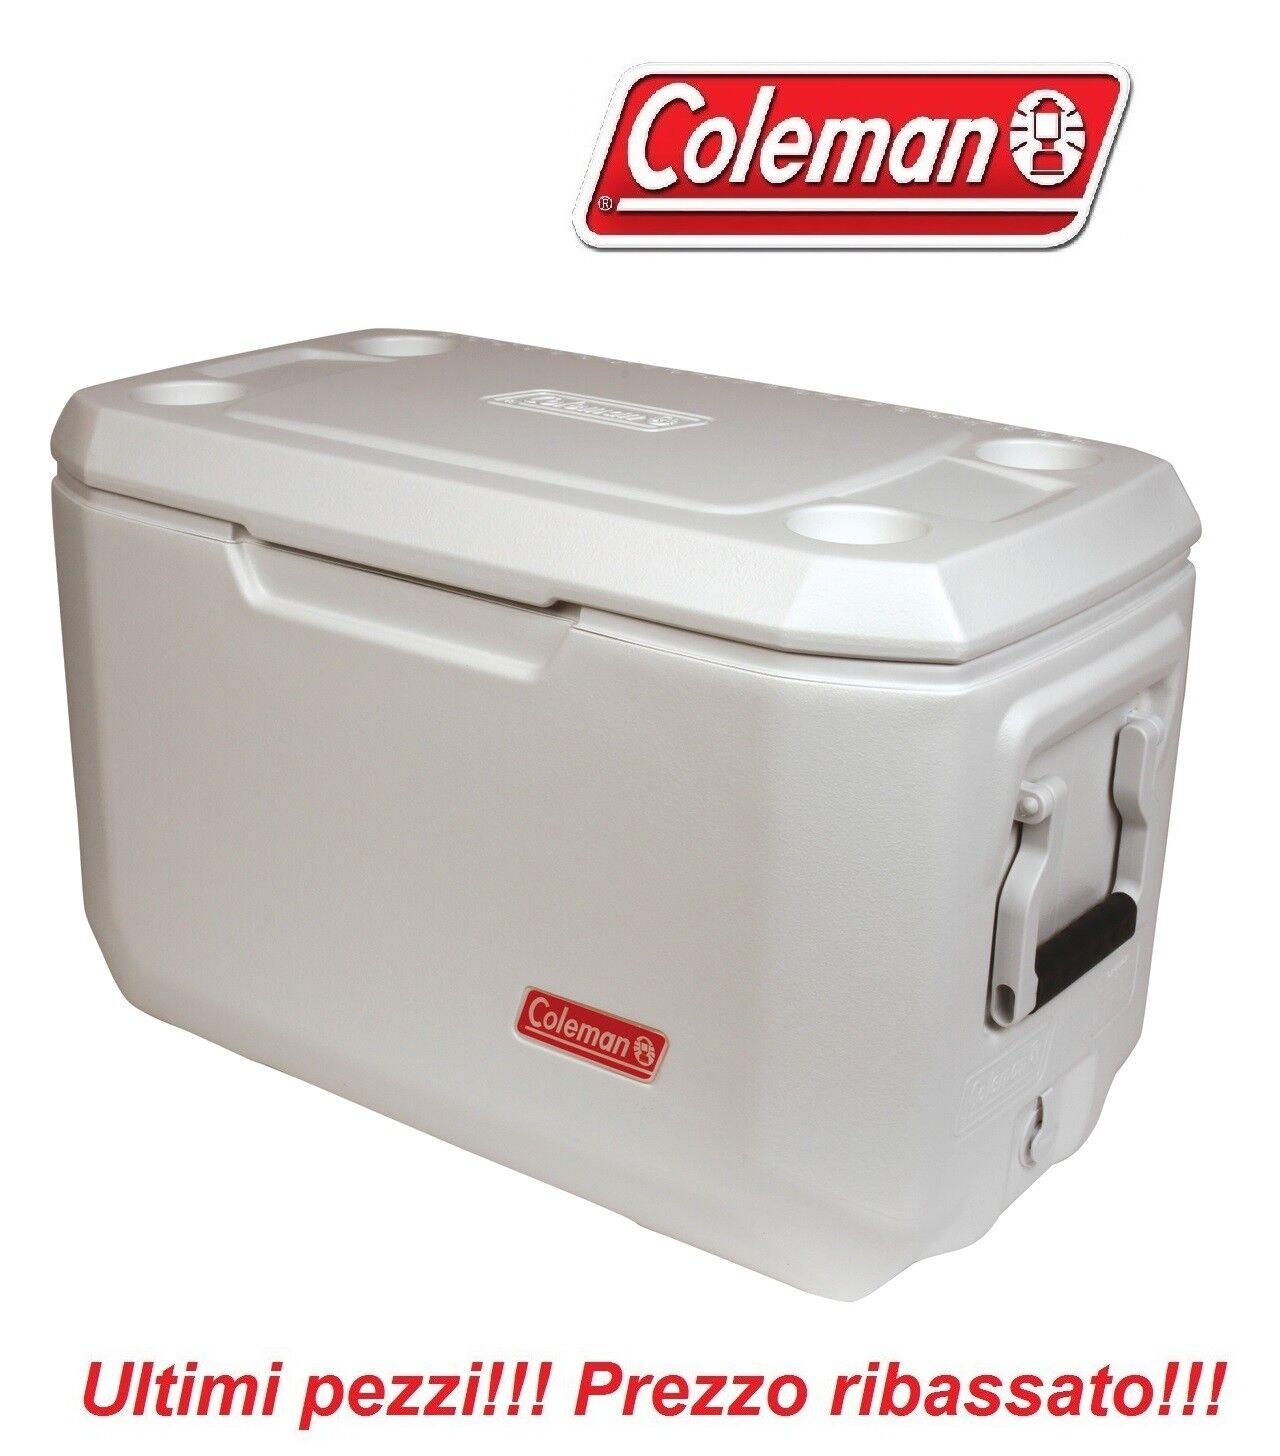 La Glacière Coleman Xtreme Marine 70 capacité de charge'66 litres-Puissance 5 jours